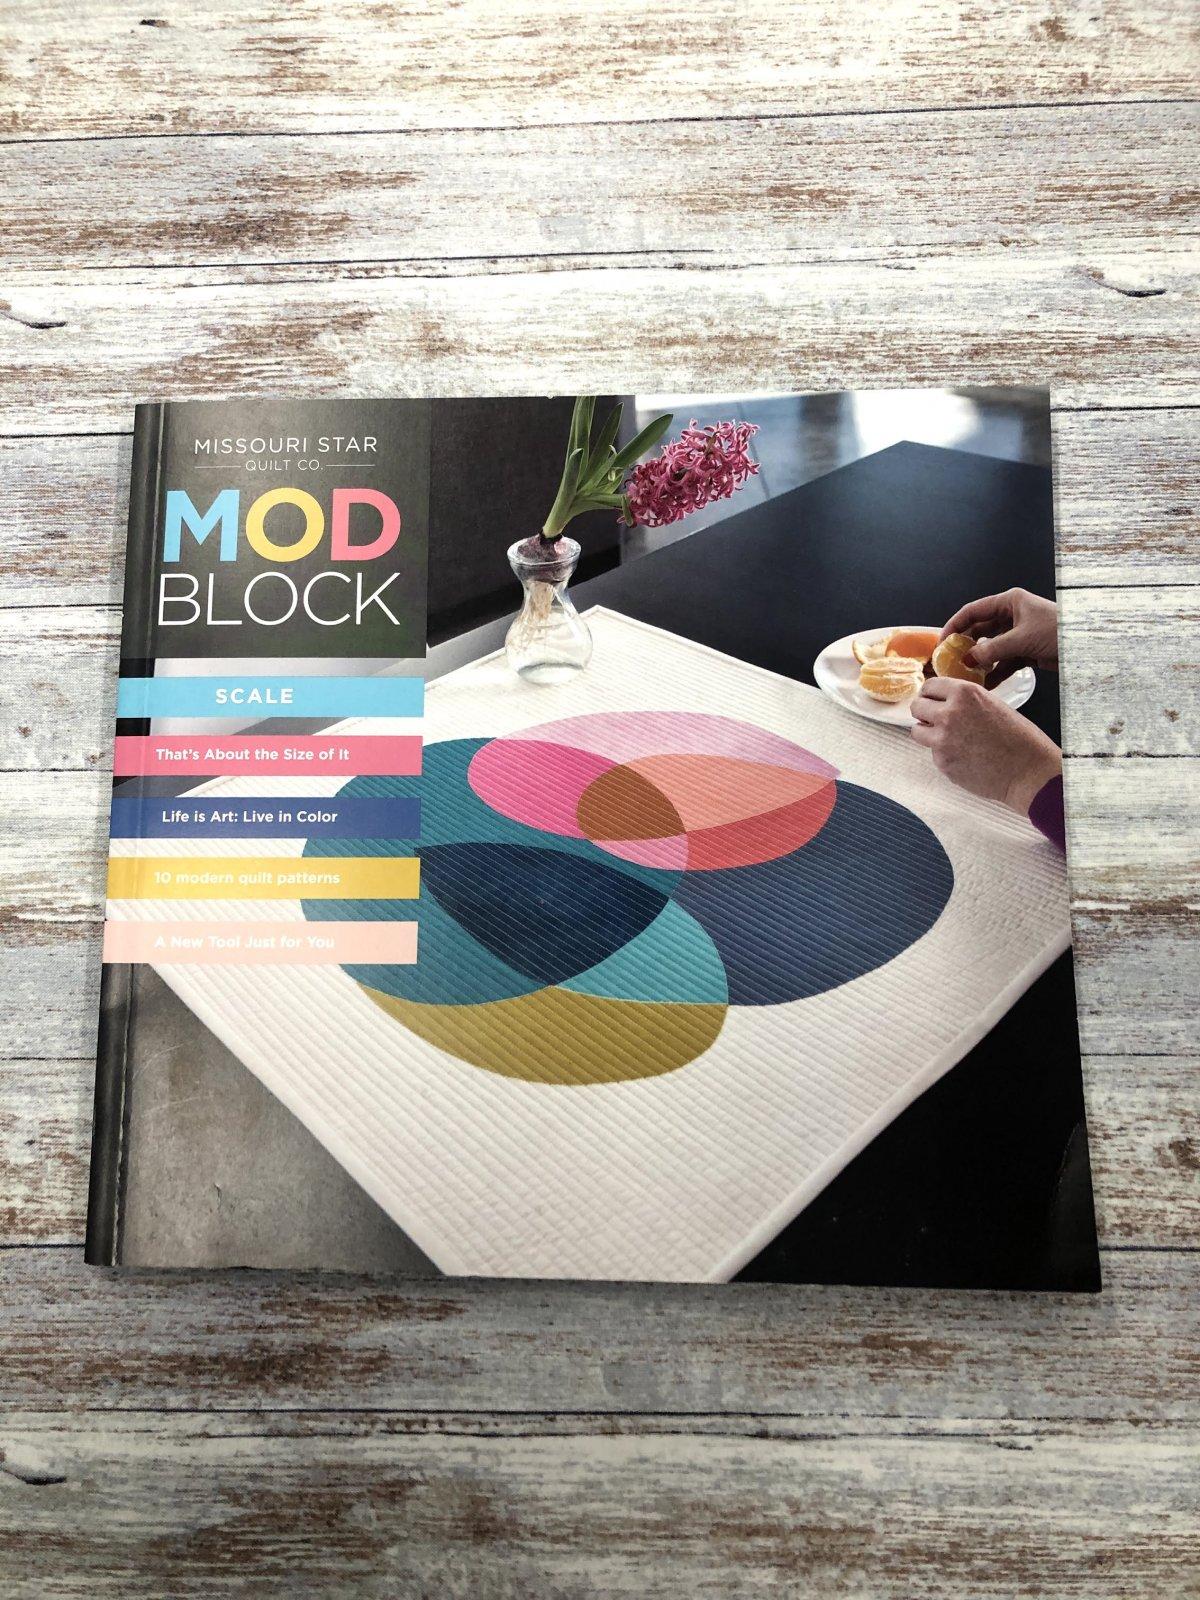 Missouri Star MODBlock 2018 Vol 4